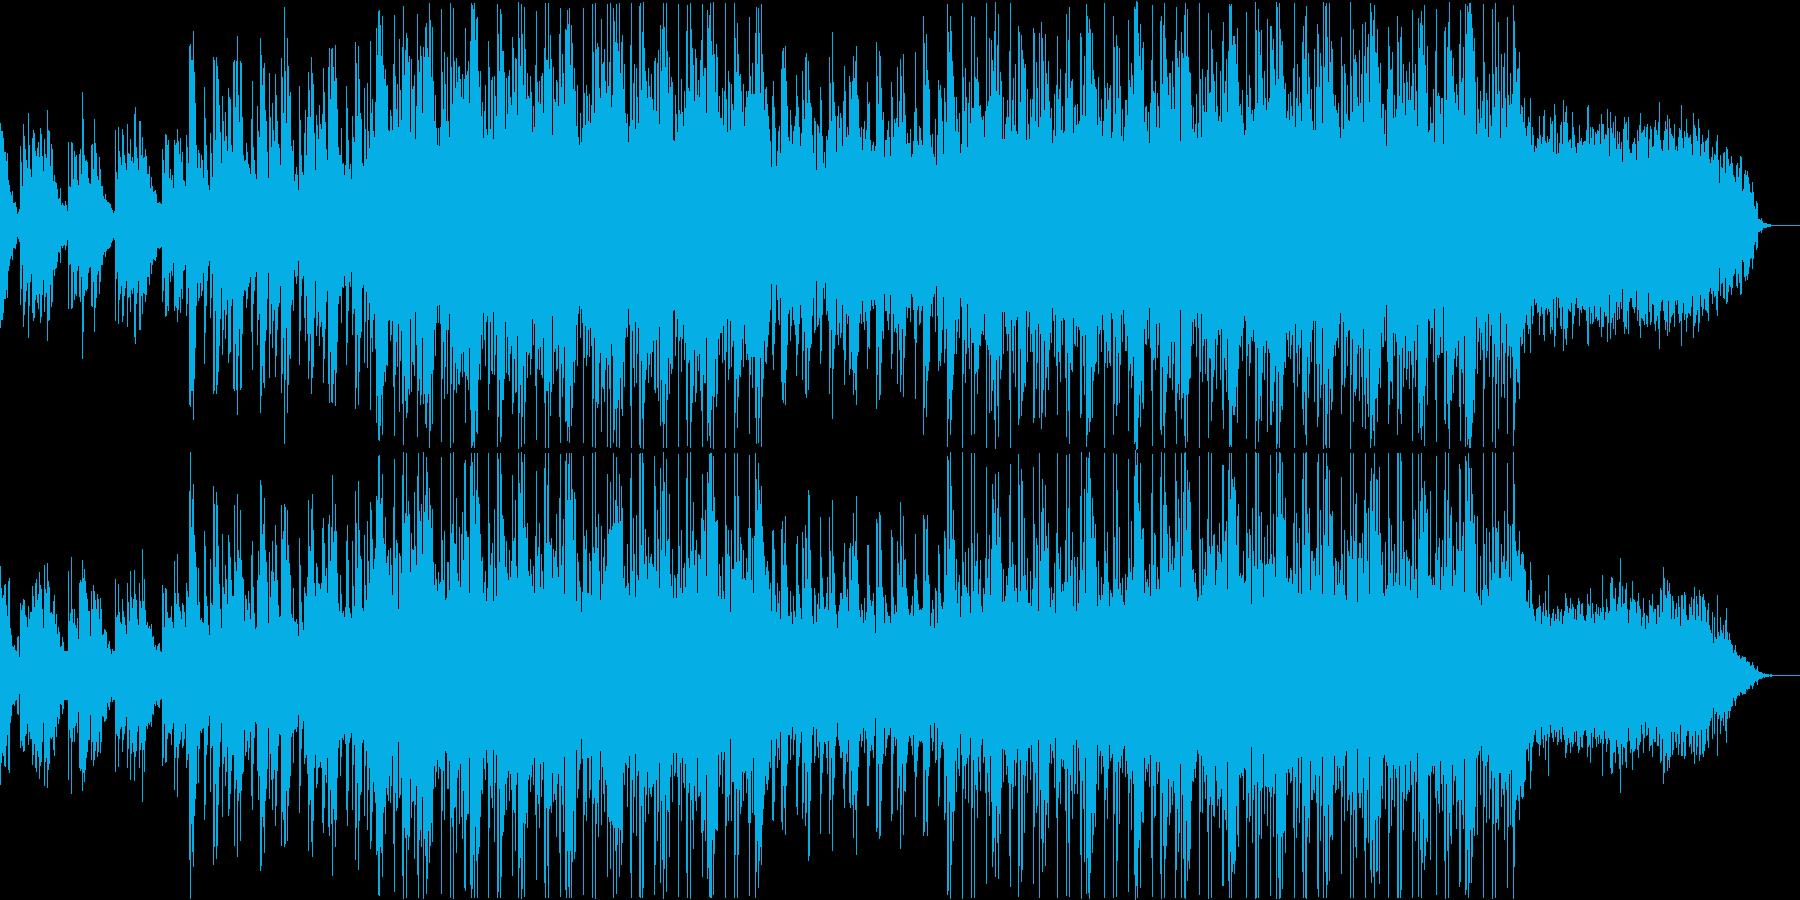 メロディアスなシンセミュージック、劇的なの再生済みの波形